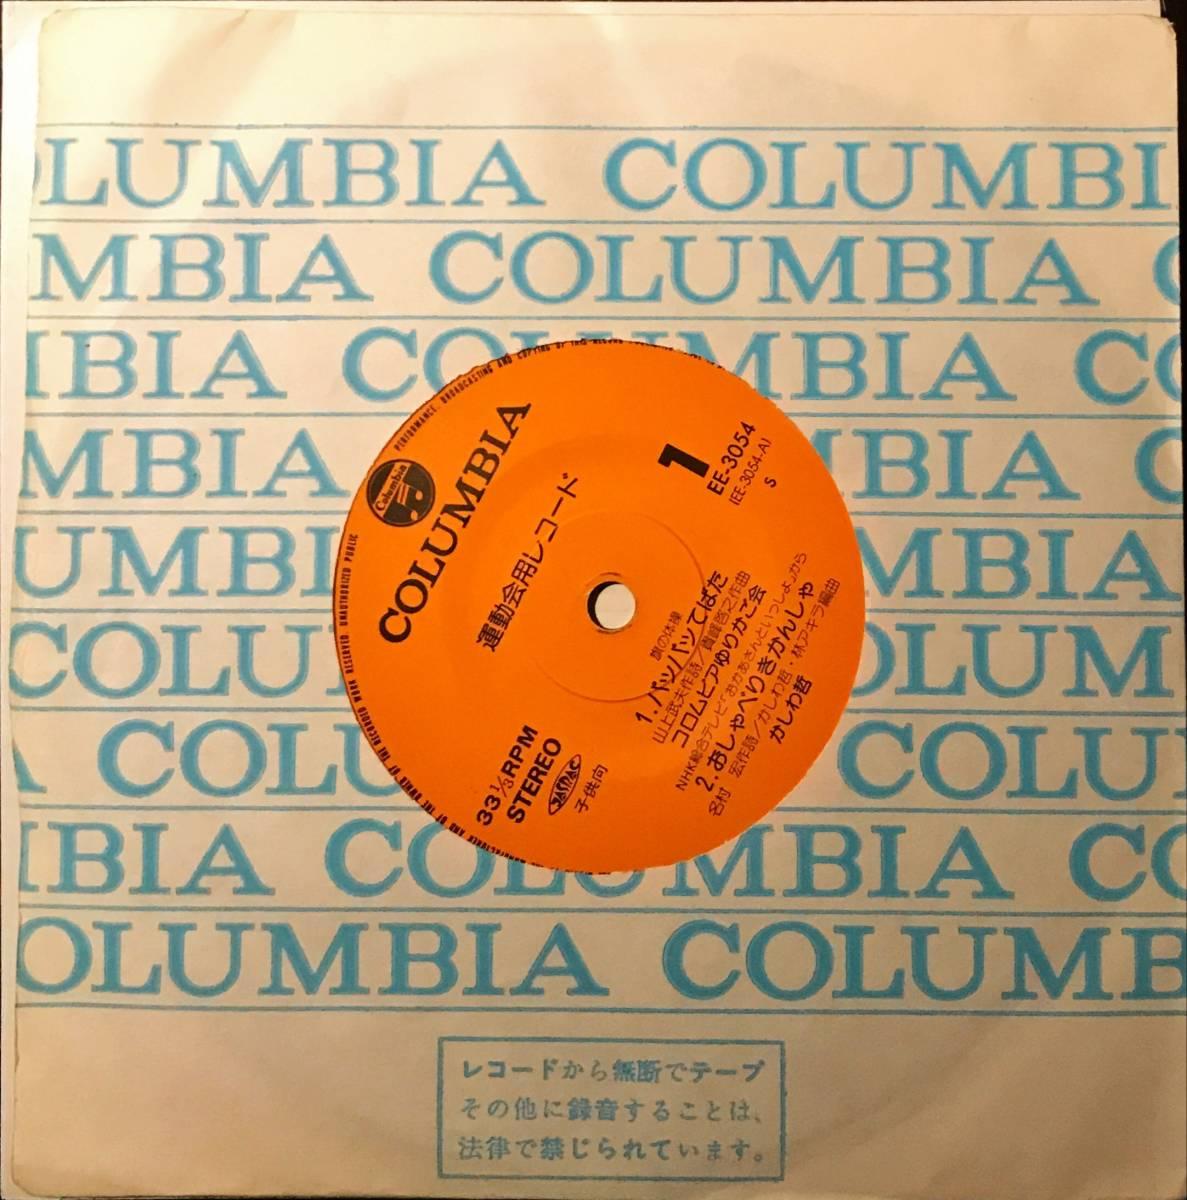 [試聴]和モノ希少ブギウギ パッパッてばた / おしゃべり きかんしゃ 他2曲 GROOVE歌謡 [EP]ロカビリー グルーヴ 運動会レコード教材 7_画像3